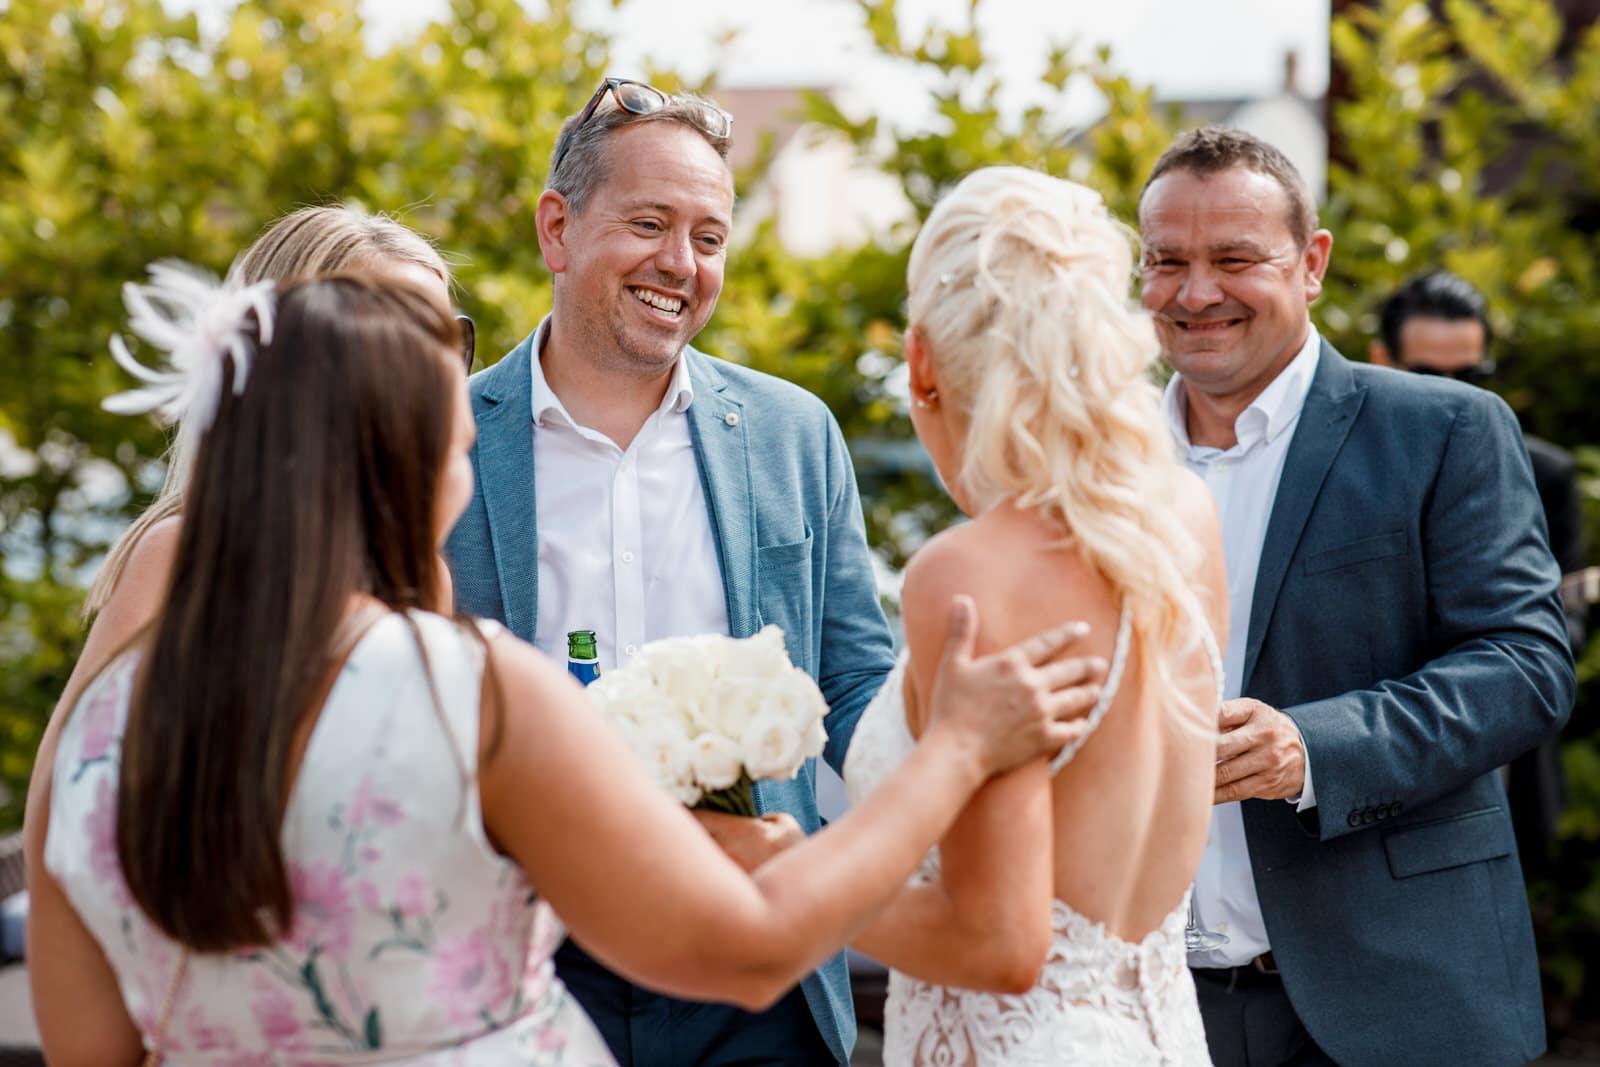 guests enjoying sunshine at wedding